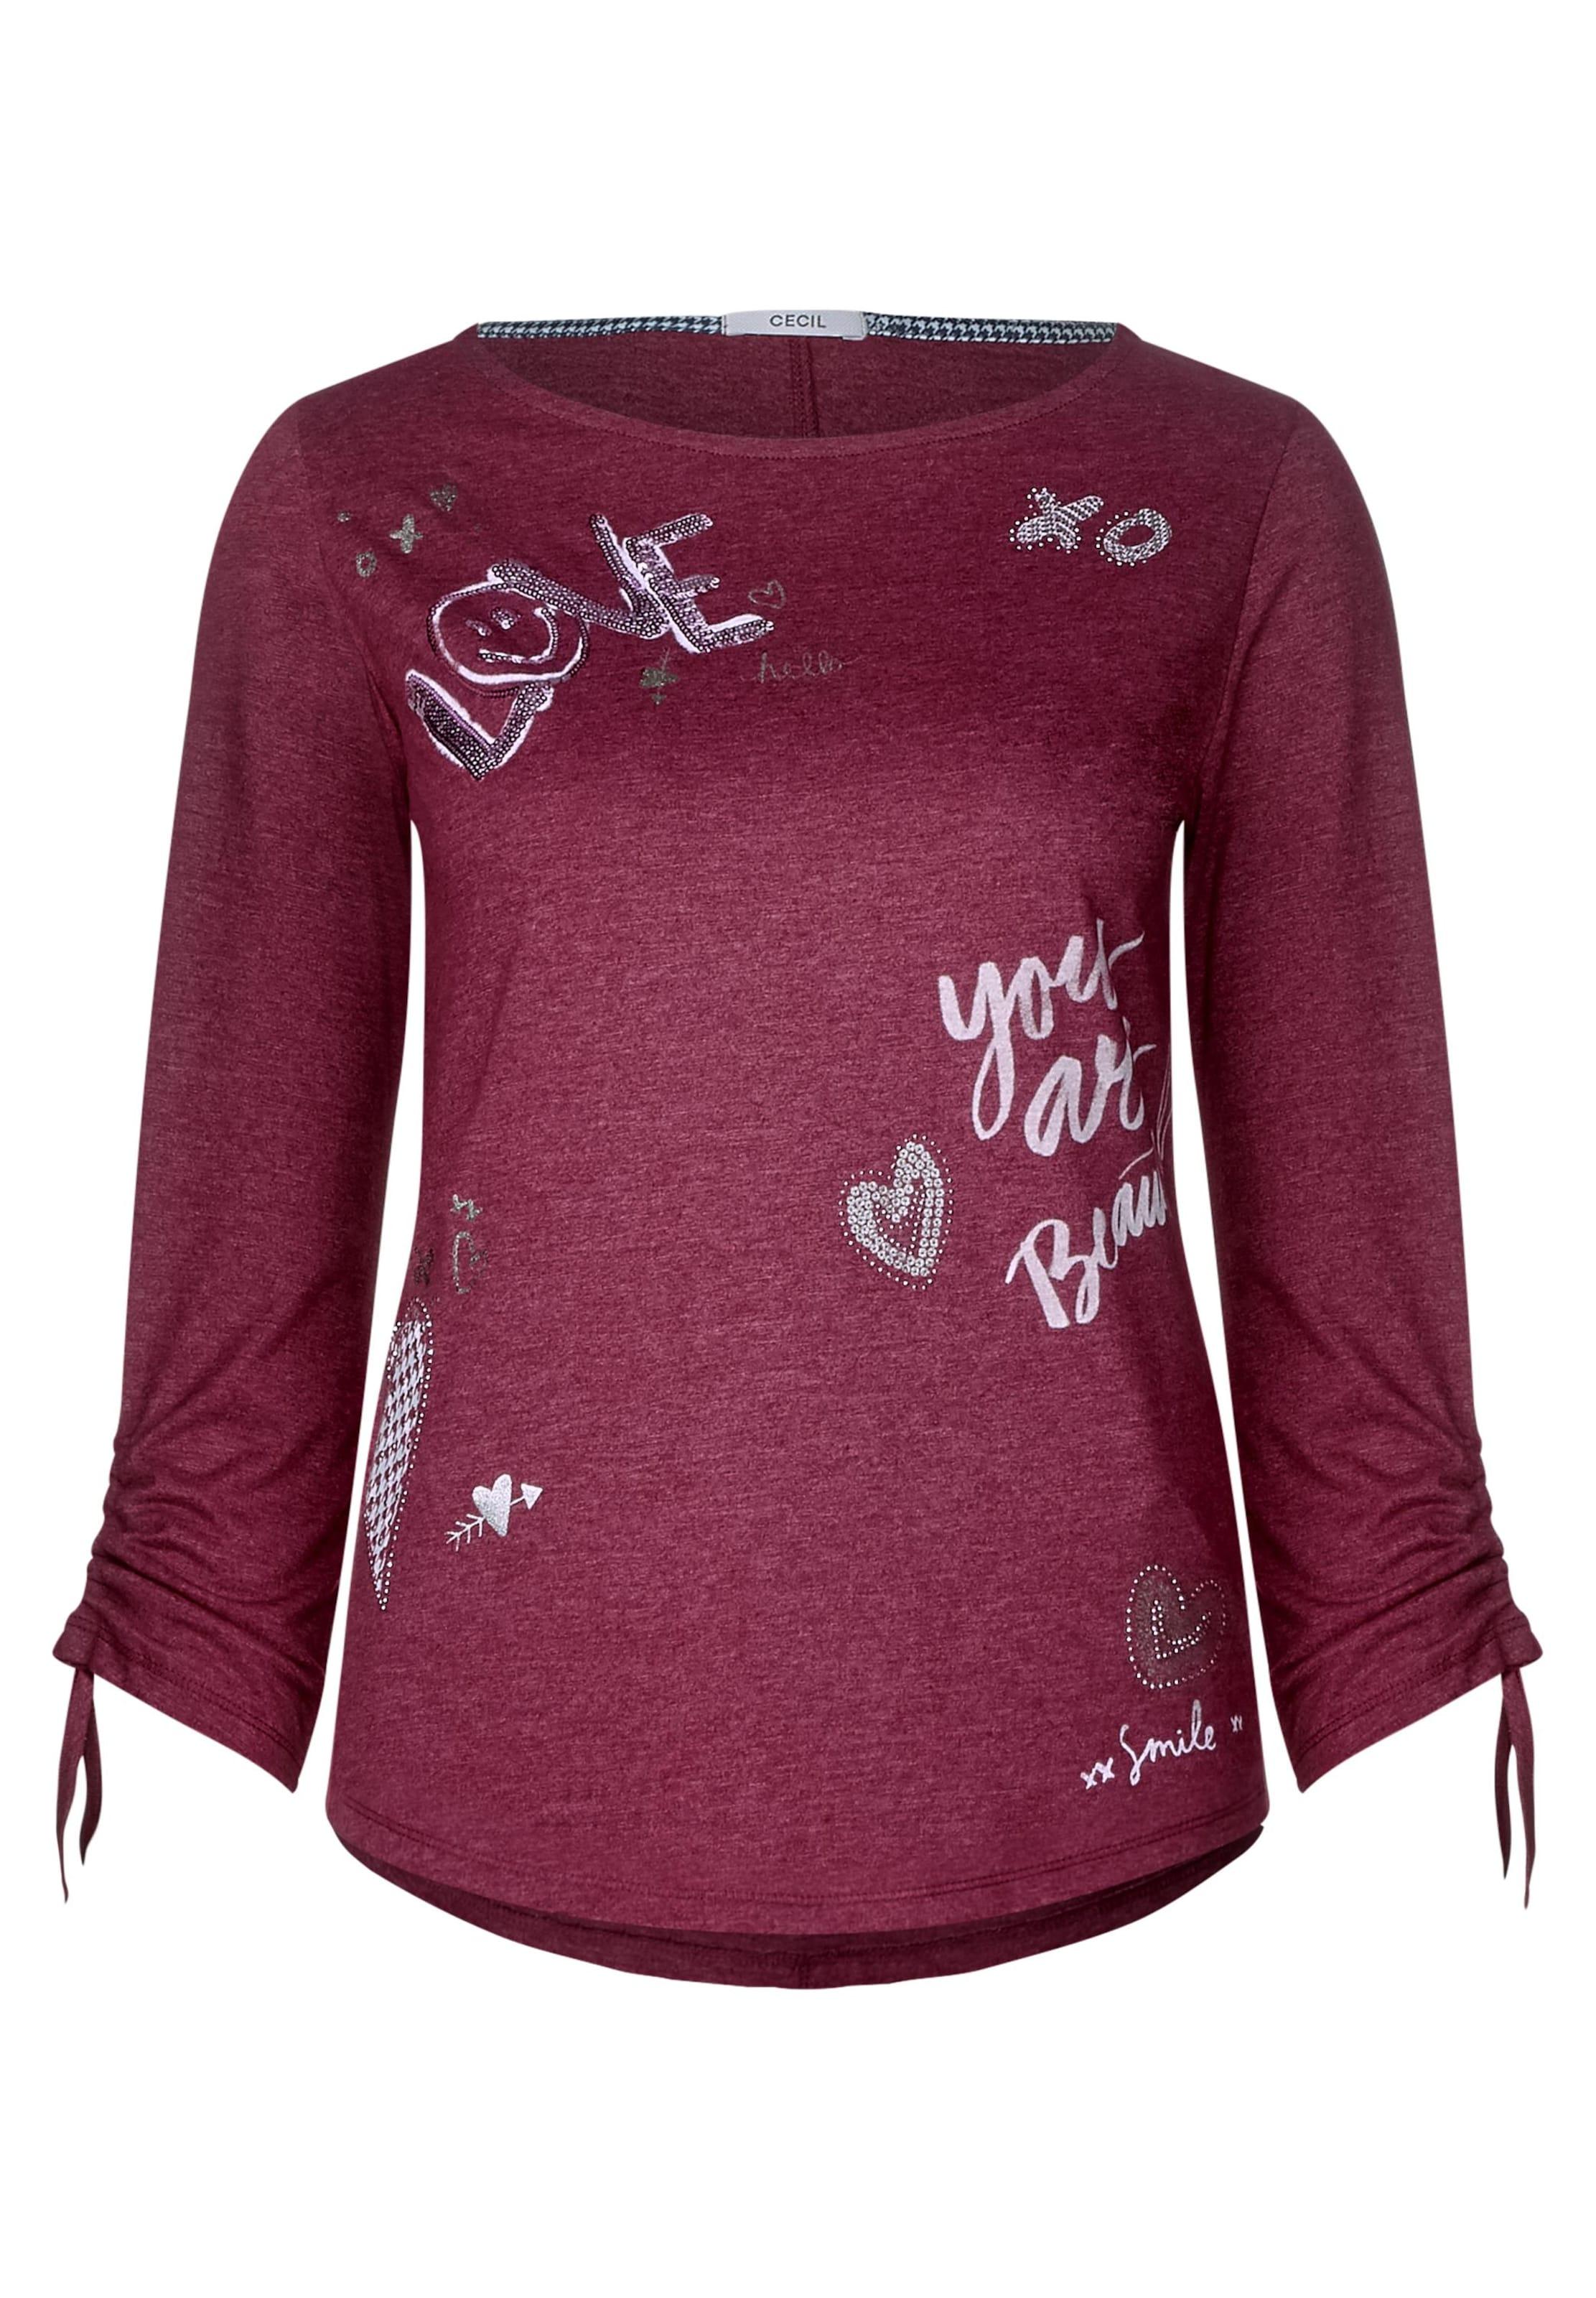 Dekor Cecil Und Print Shirt Mit In Lila m8ynv0NwO